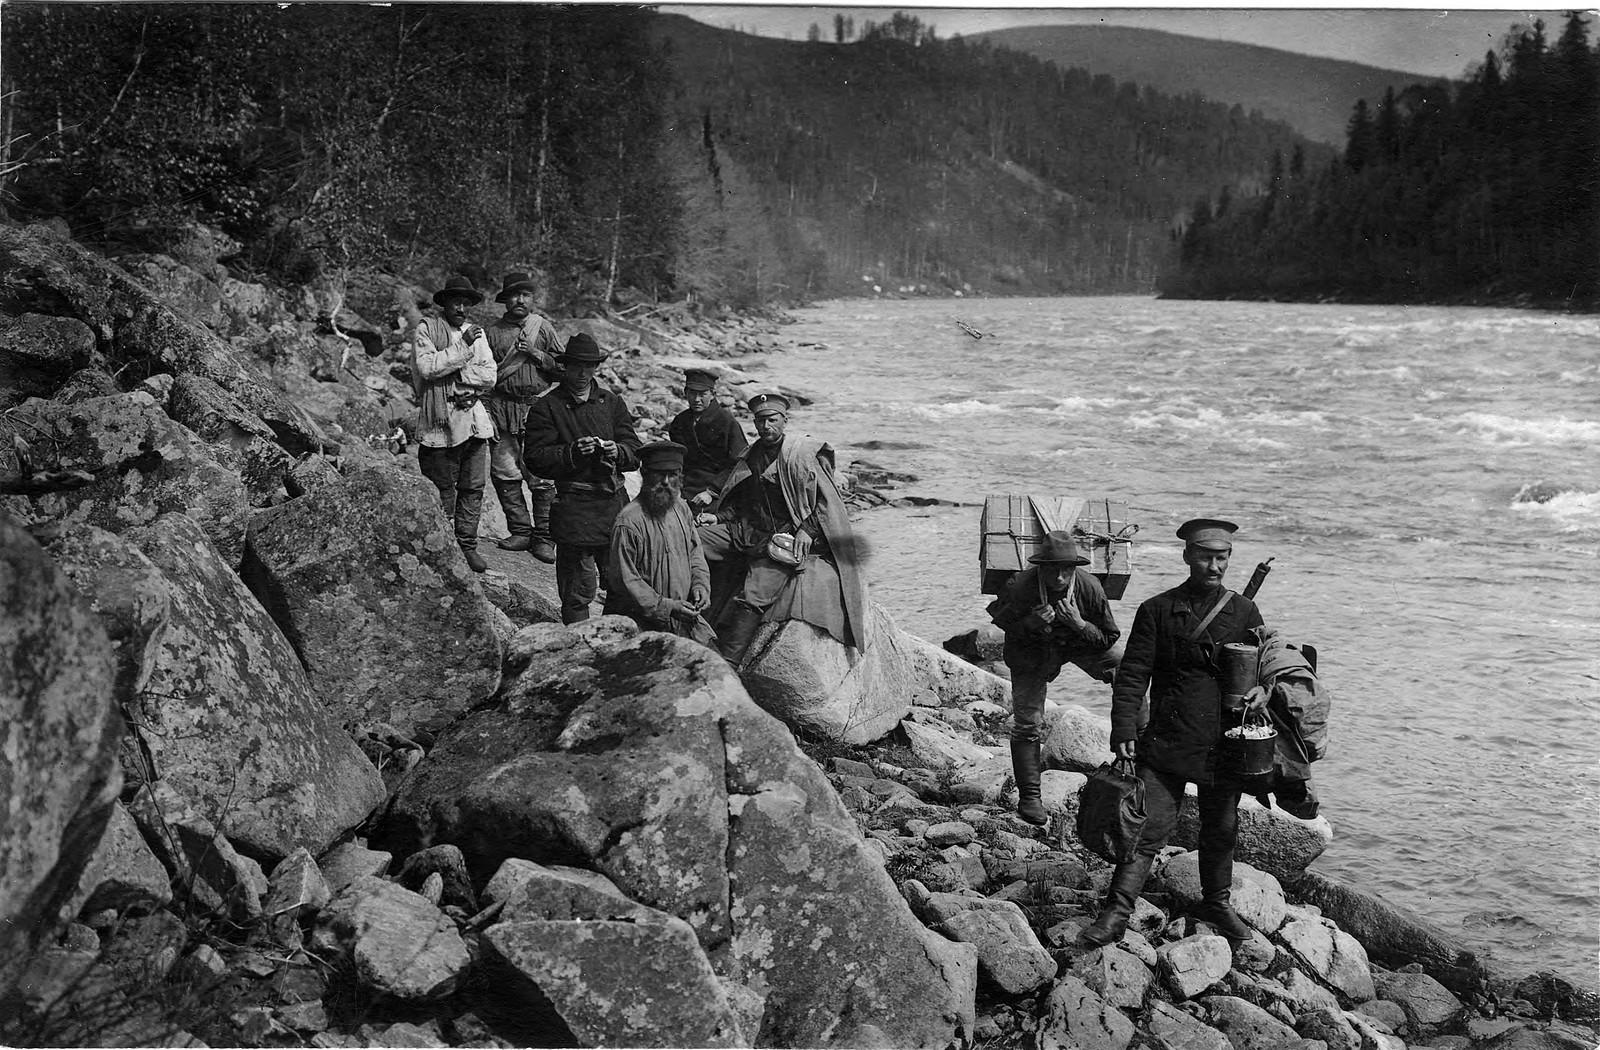 23. Группа участников экспедиции при пешем переходе вдоль Мрасского порога